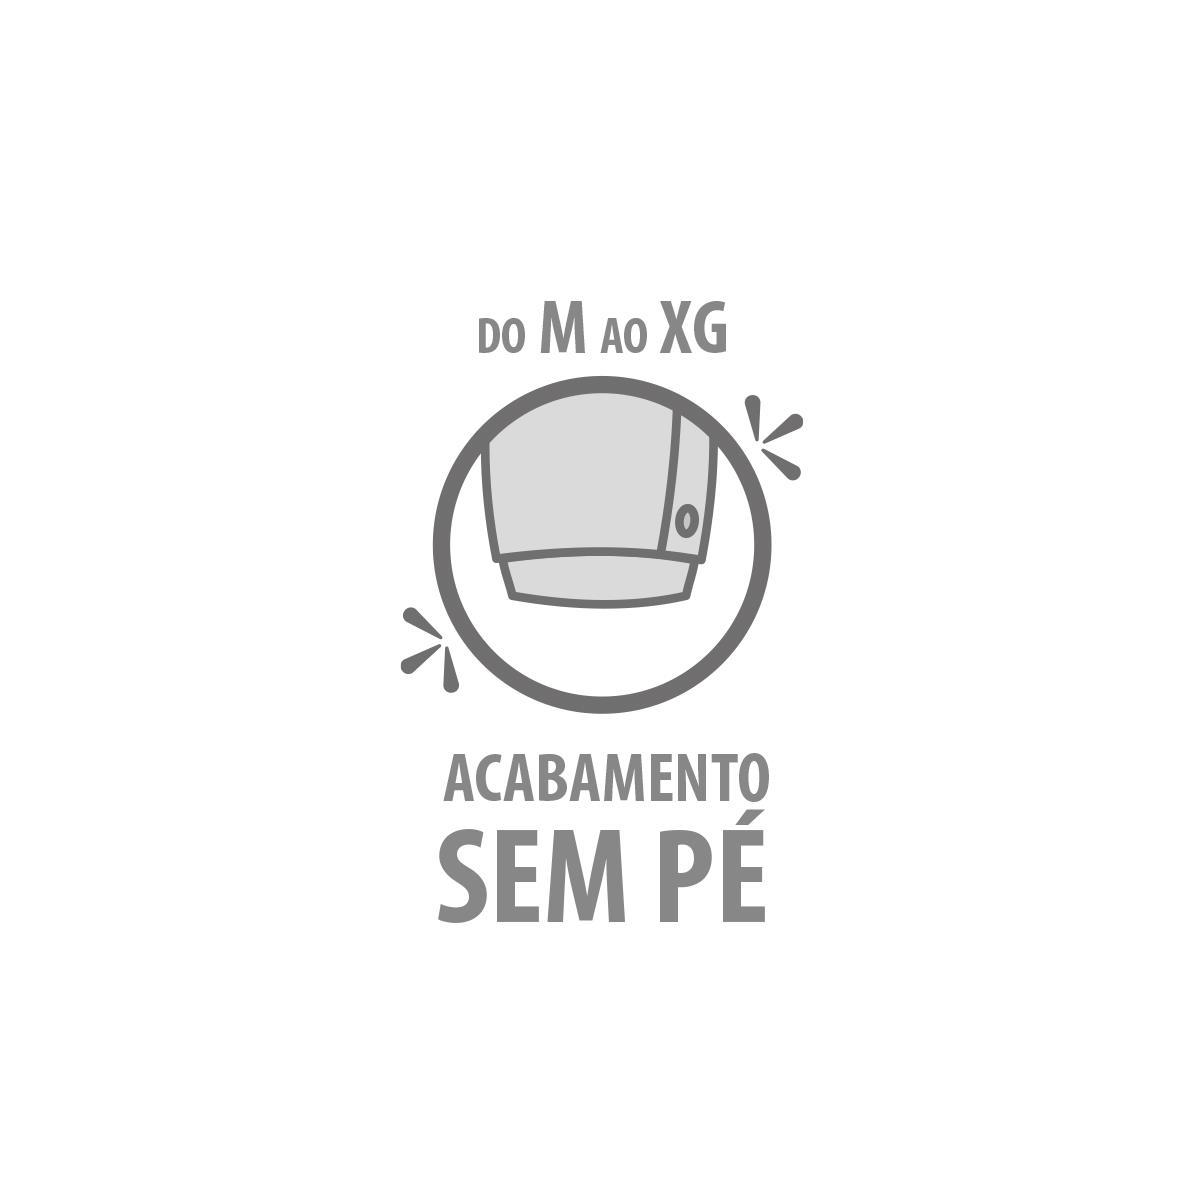 Macacão Plush Zíper Coelhinho - Tamanhos RN e P com pezinho; M, G e XG sem pezinho  - Piu Blu